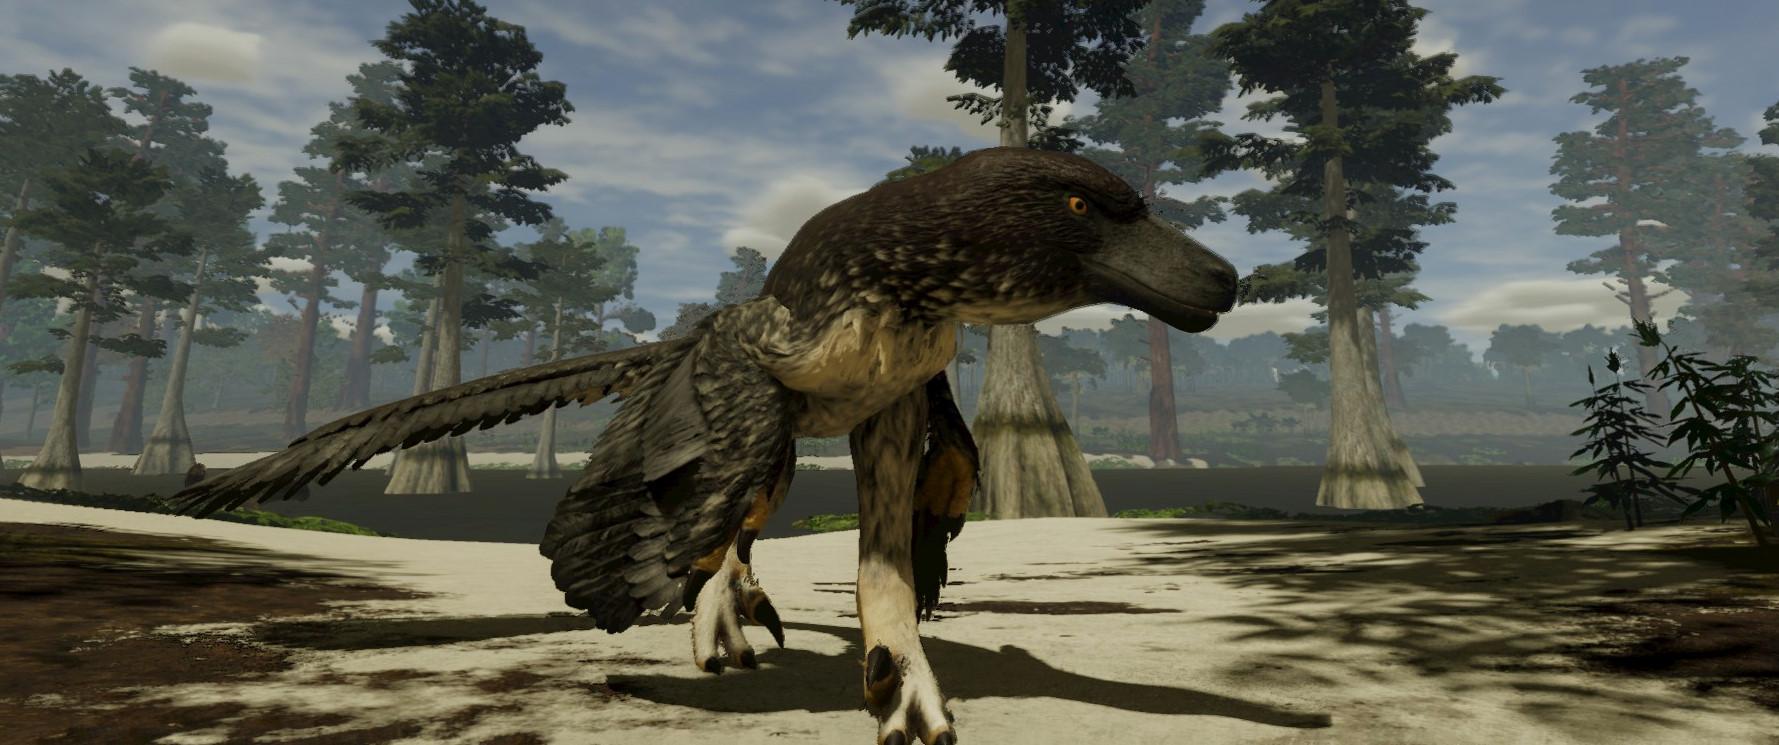 Saurian Guide: Dakotaraptor